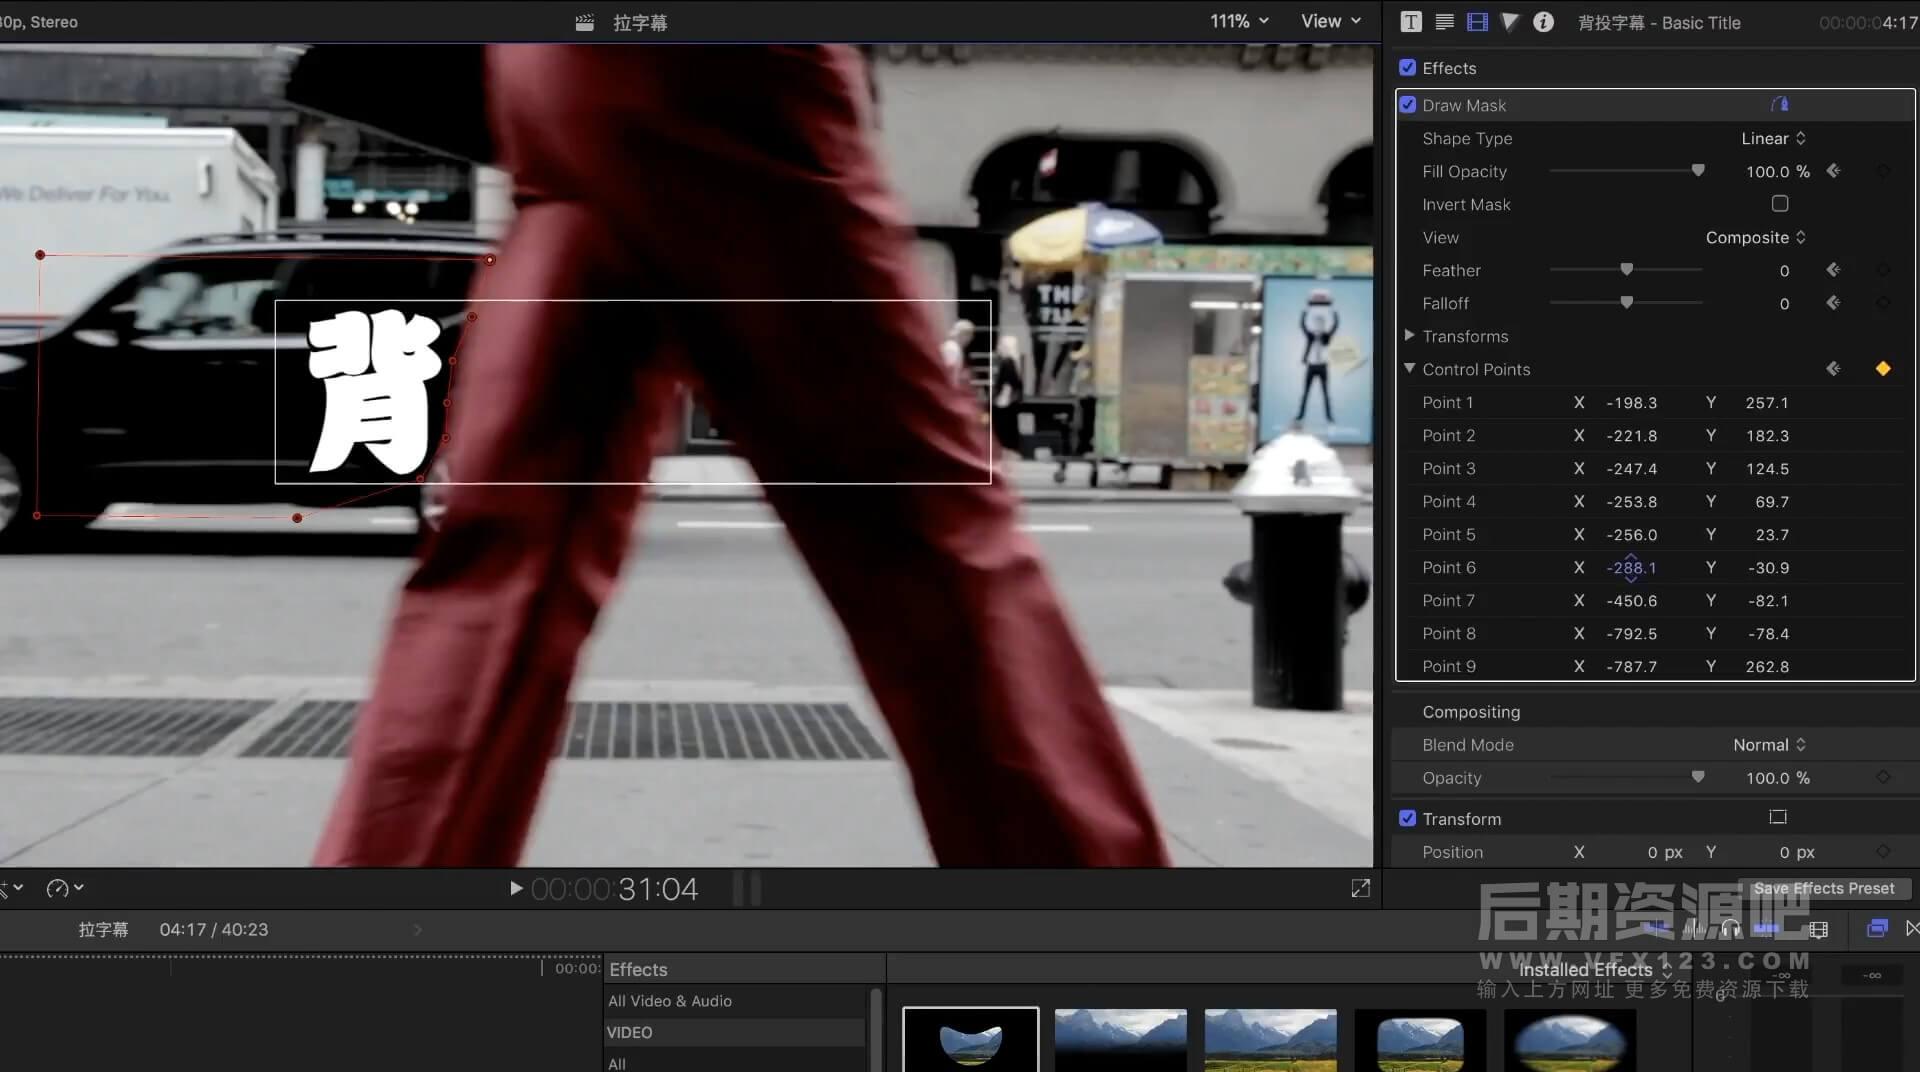 第61课: fcpx中如何制作背投遮挡字幕效果